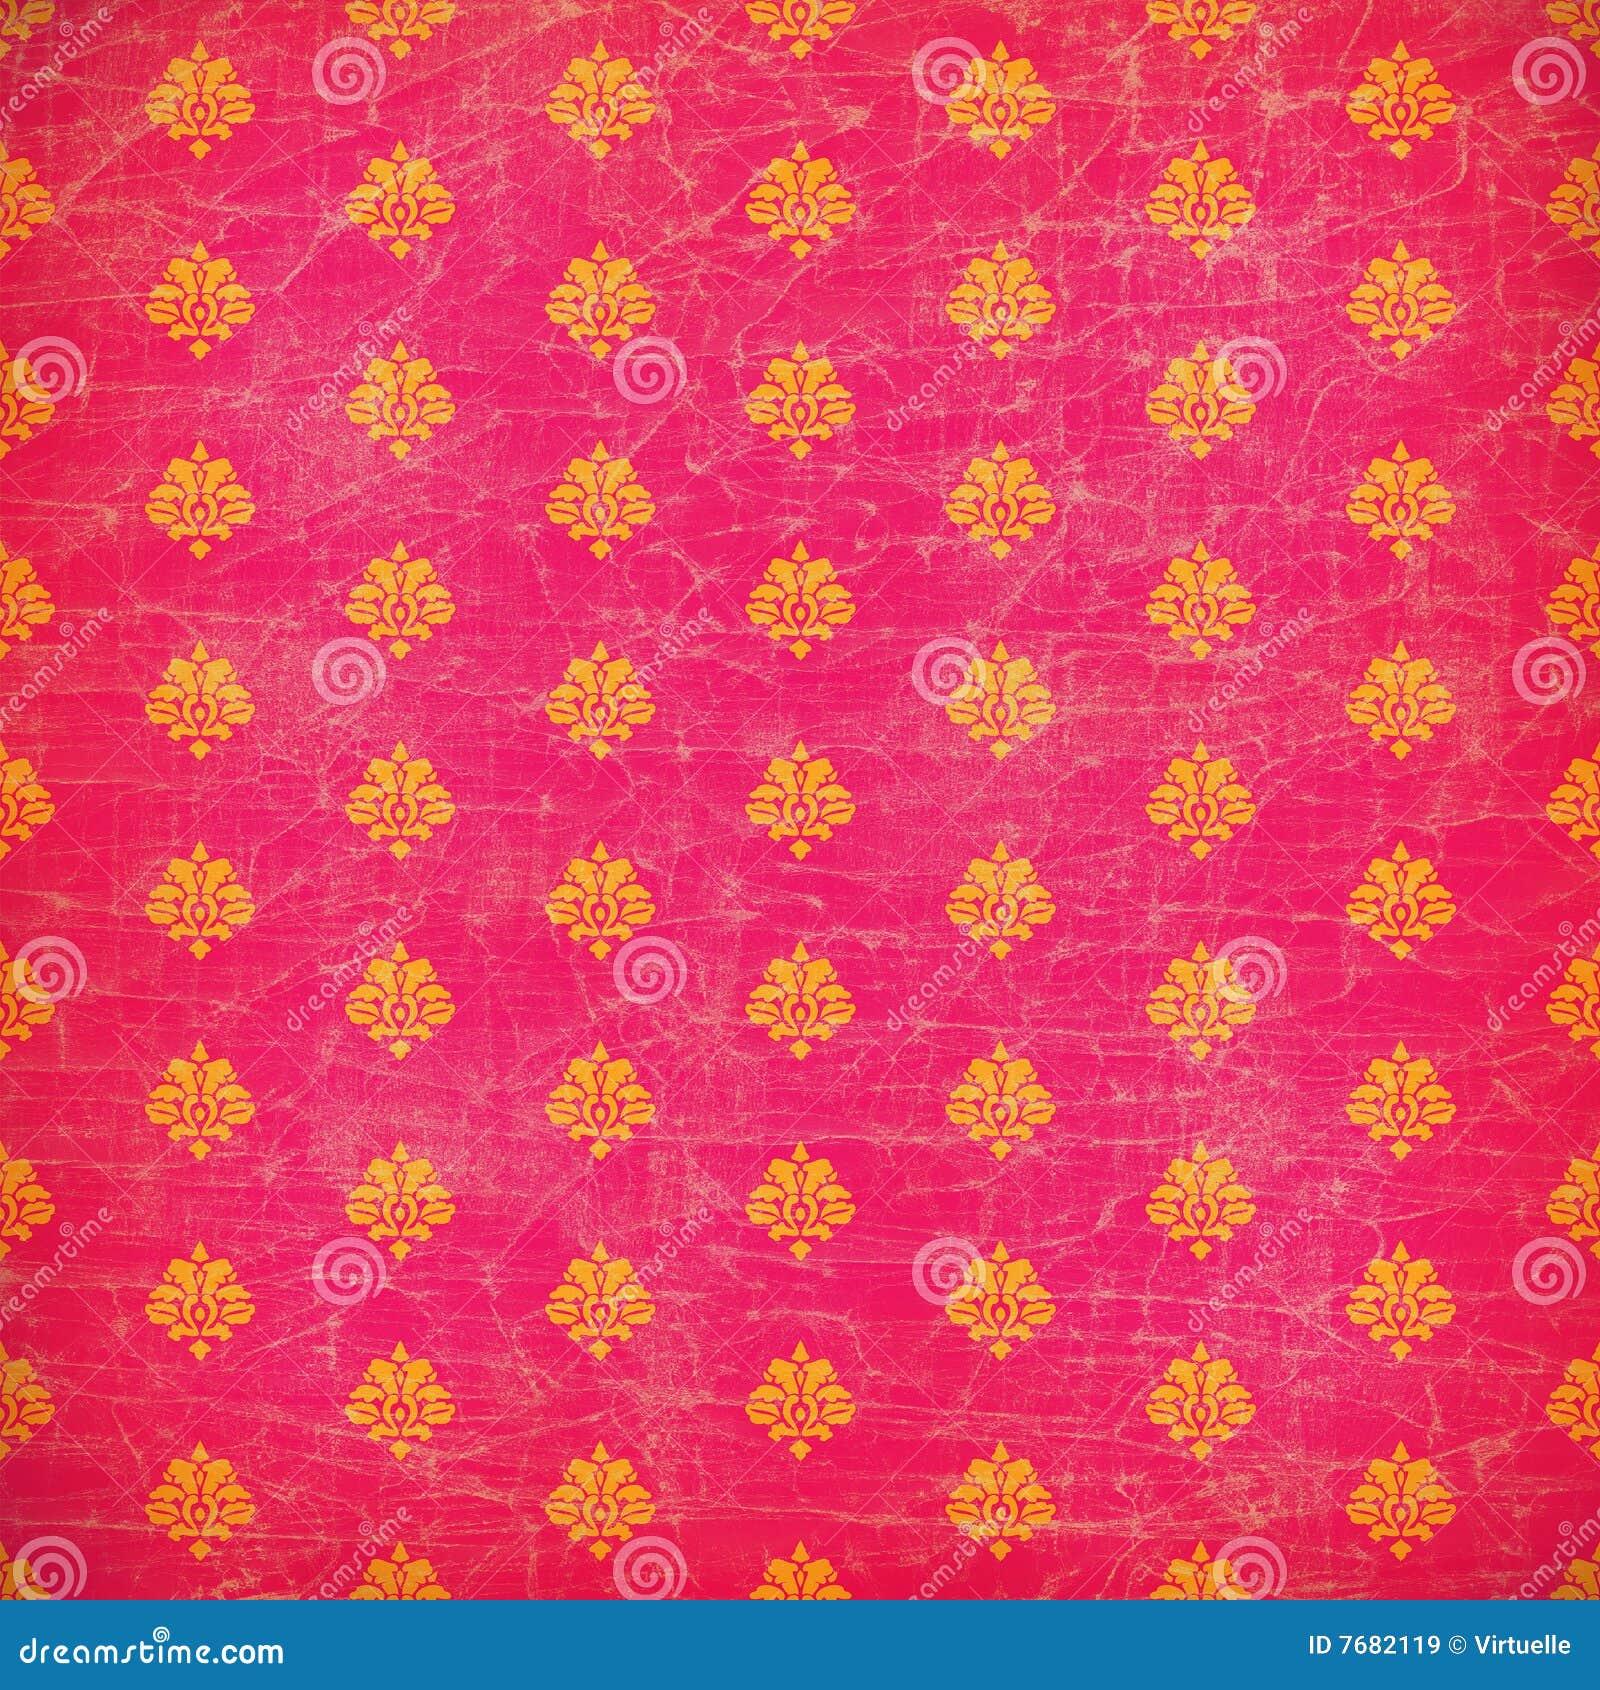 pink and orange damask grunge wallpaper royalty free stock. Black Bedroom Furniture Sets. Home Design Ideas